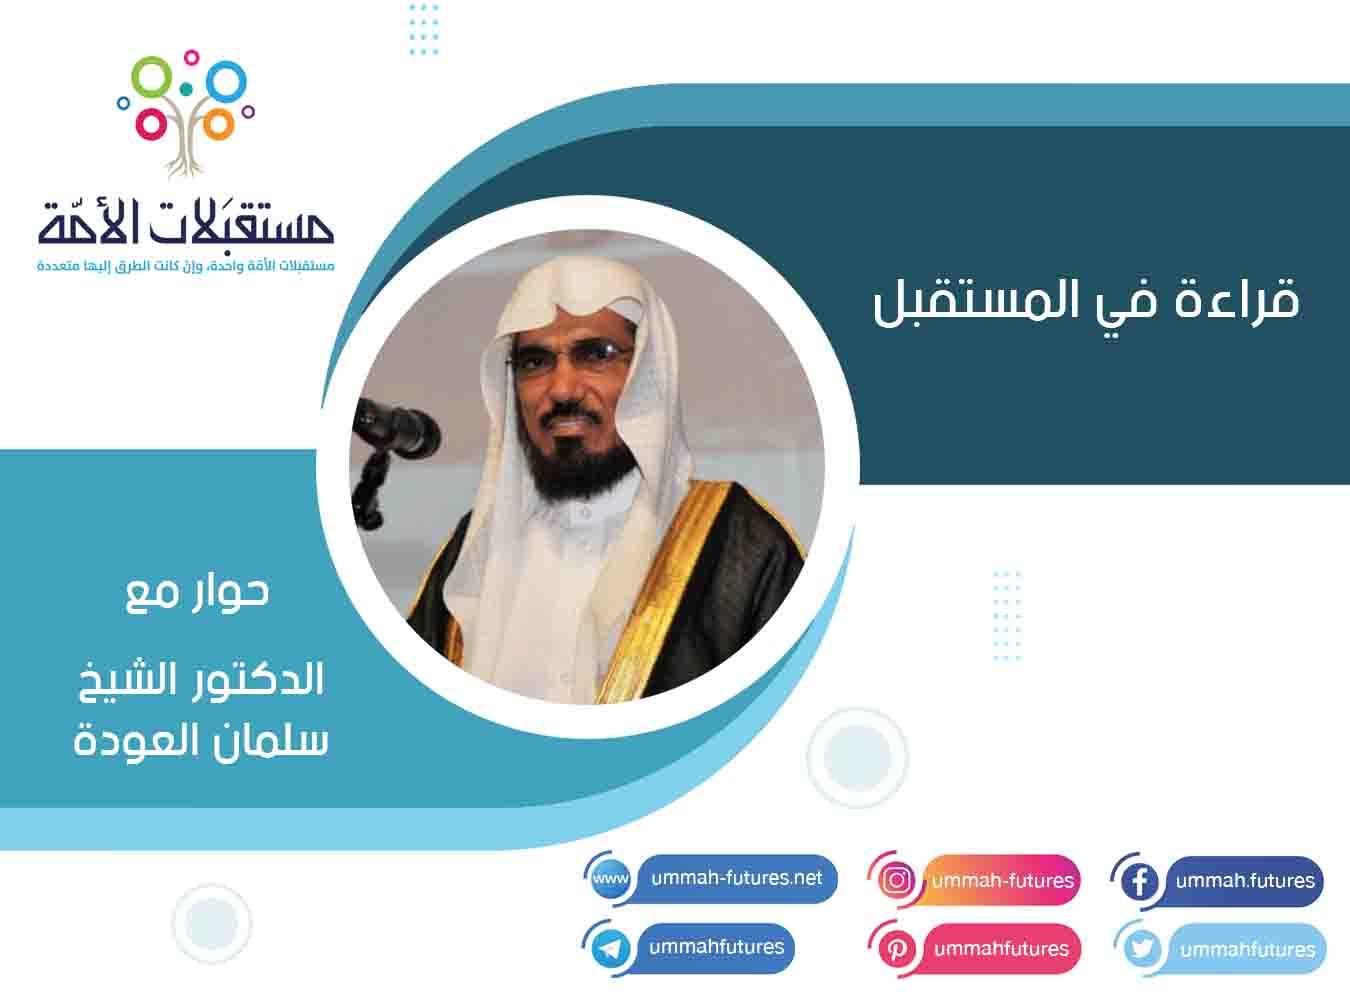 قراءة في المستقبل   حوار مع الدكتور الشيخ سلمان العودة